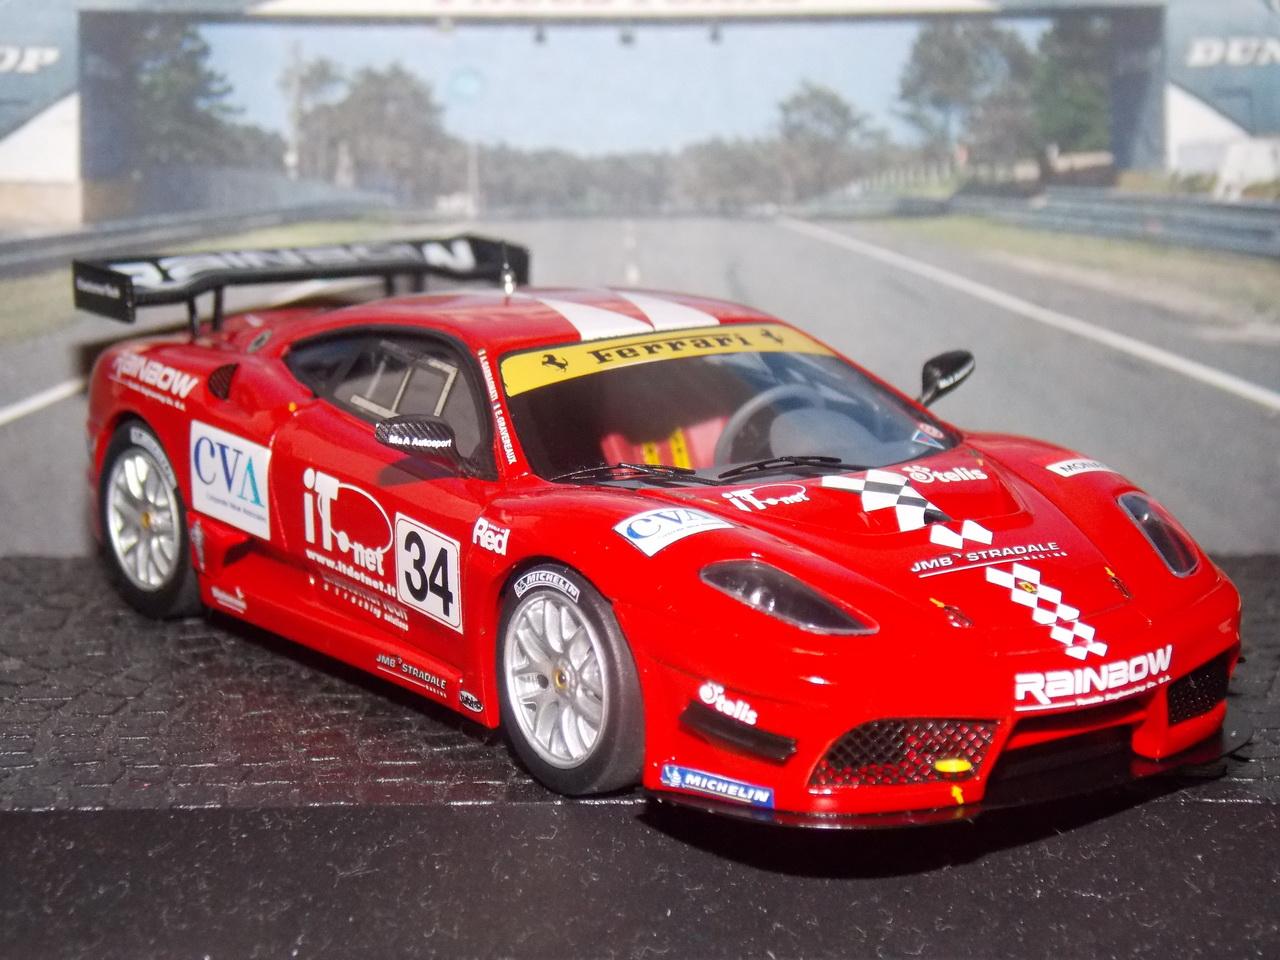 Ferrari F430 Scuderia – GT3 2009